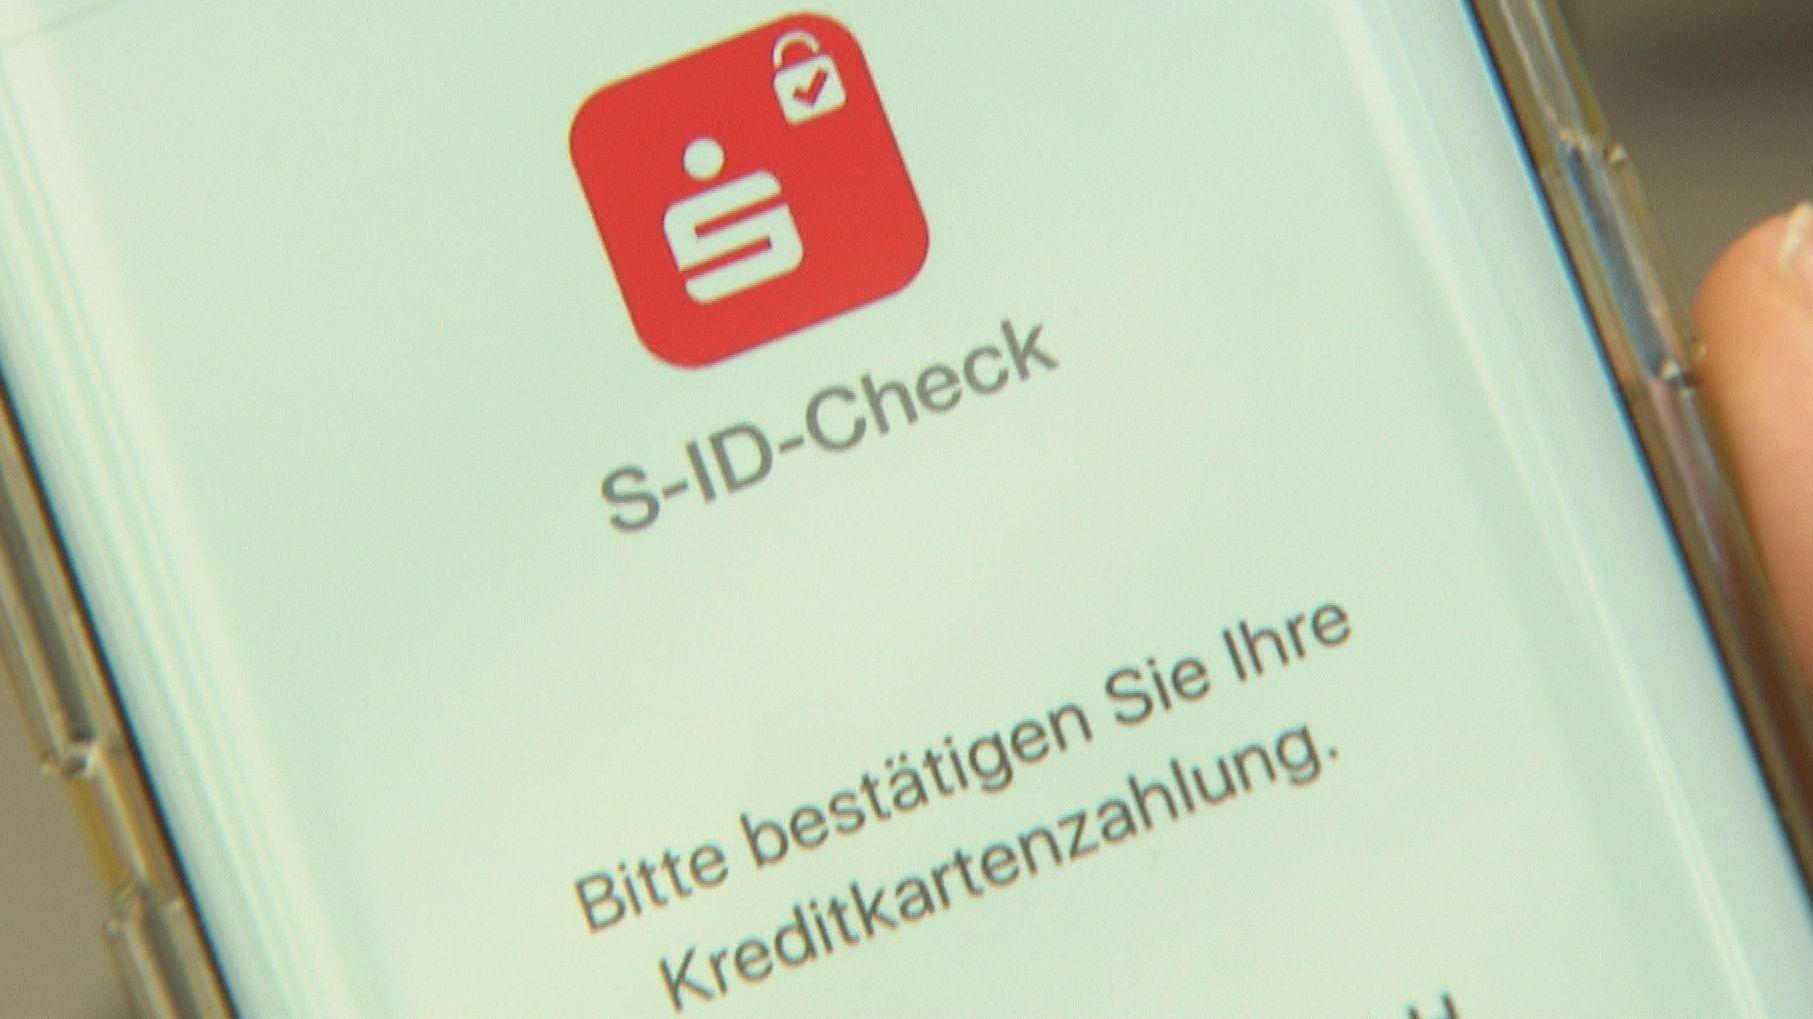 Identifizierungsapp der Sparkasse für den S-ID-Check